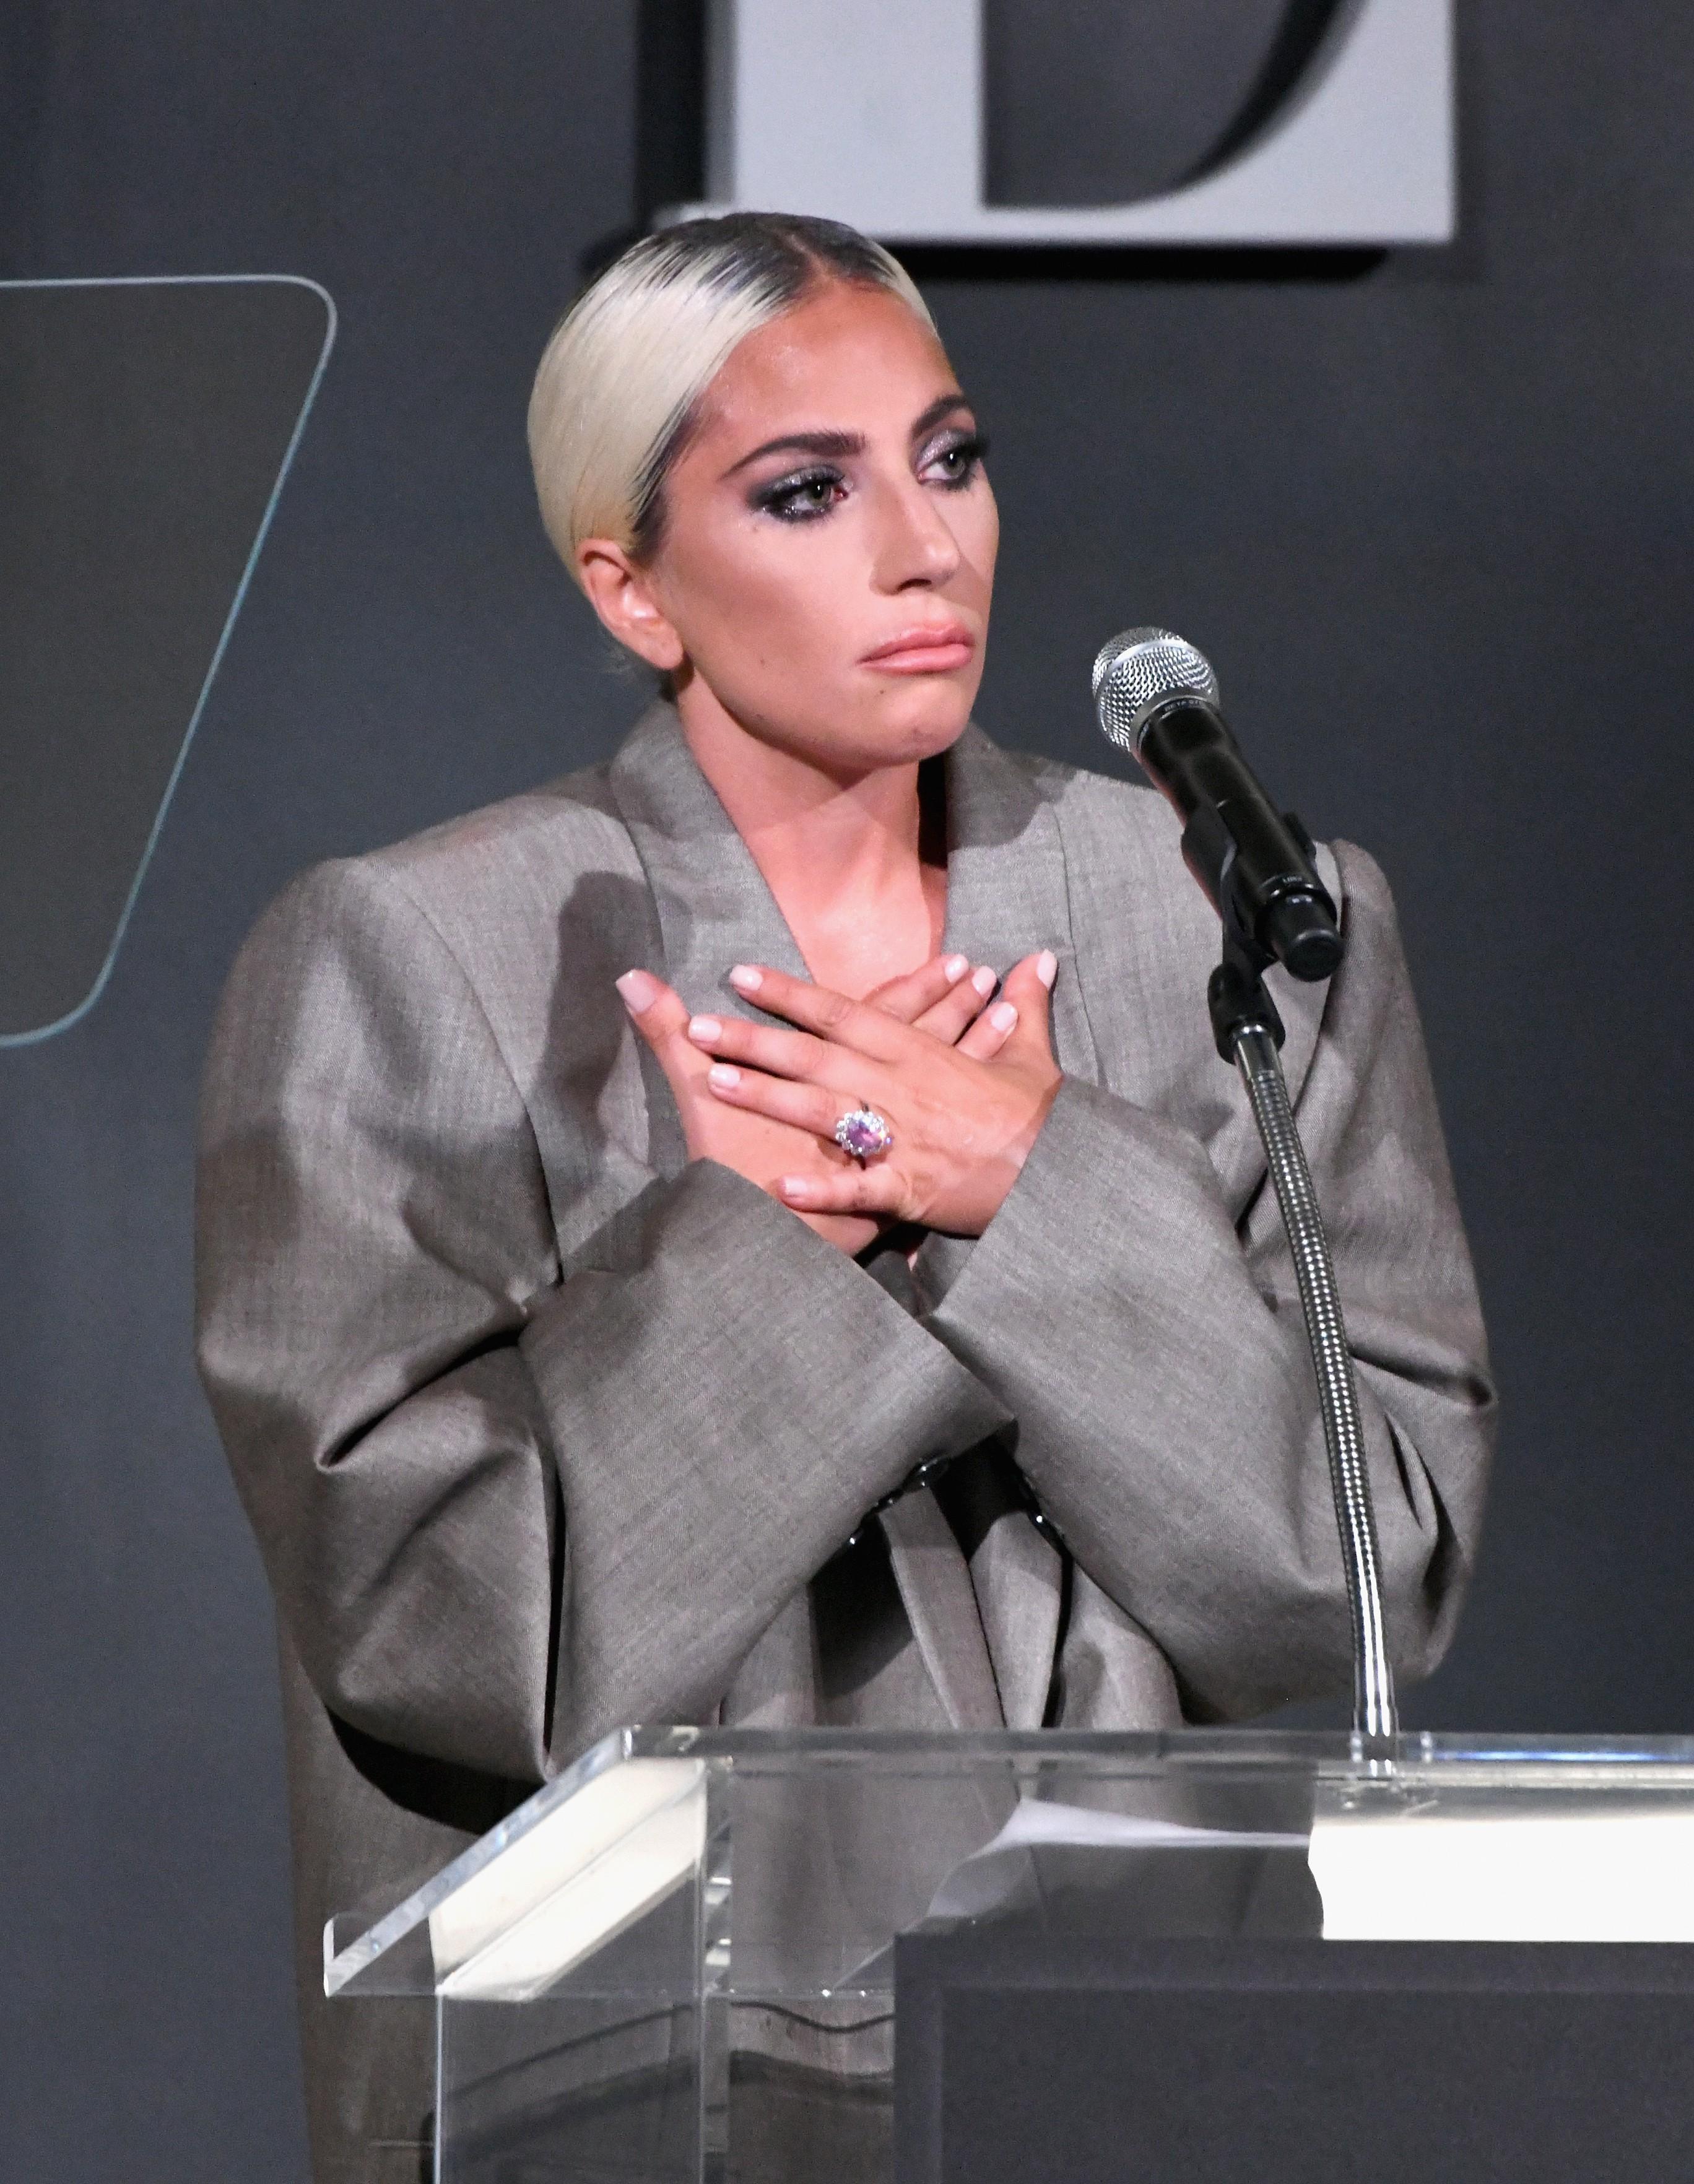 A cantora Lady Gaga com sua aliança avaliada em cerca de 1,5 milhão de reais (Foto: Getty Images)